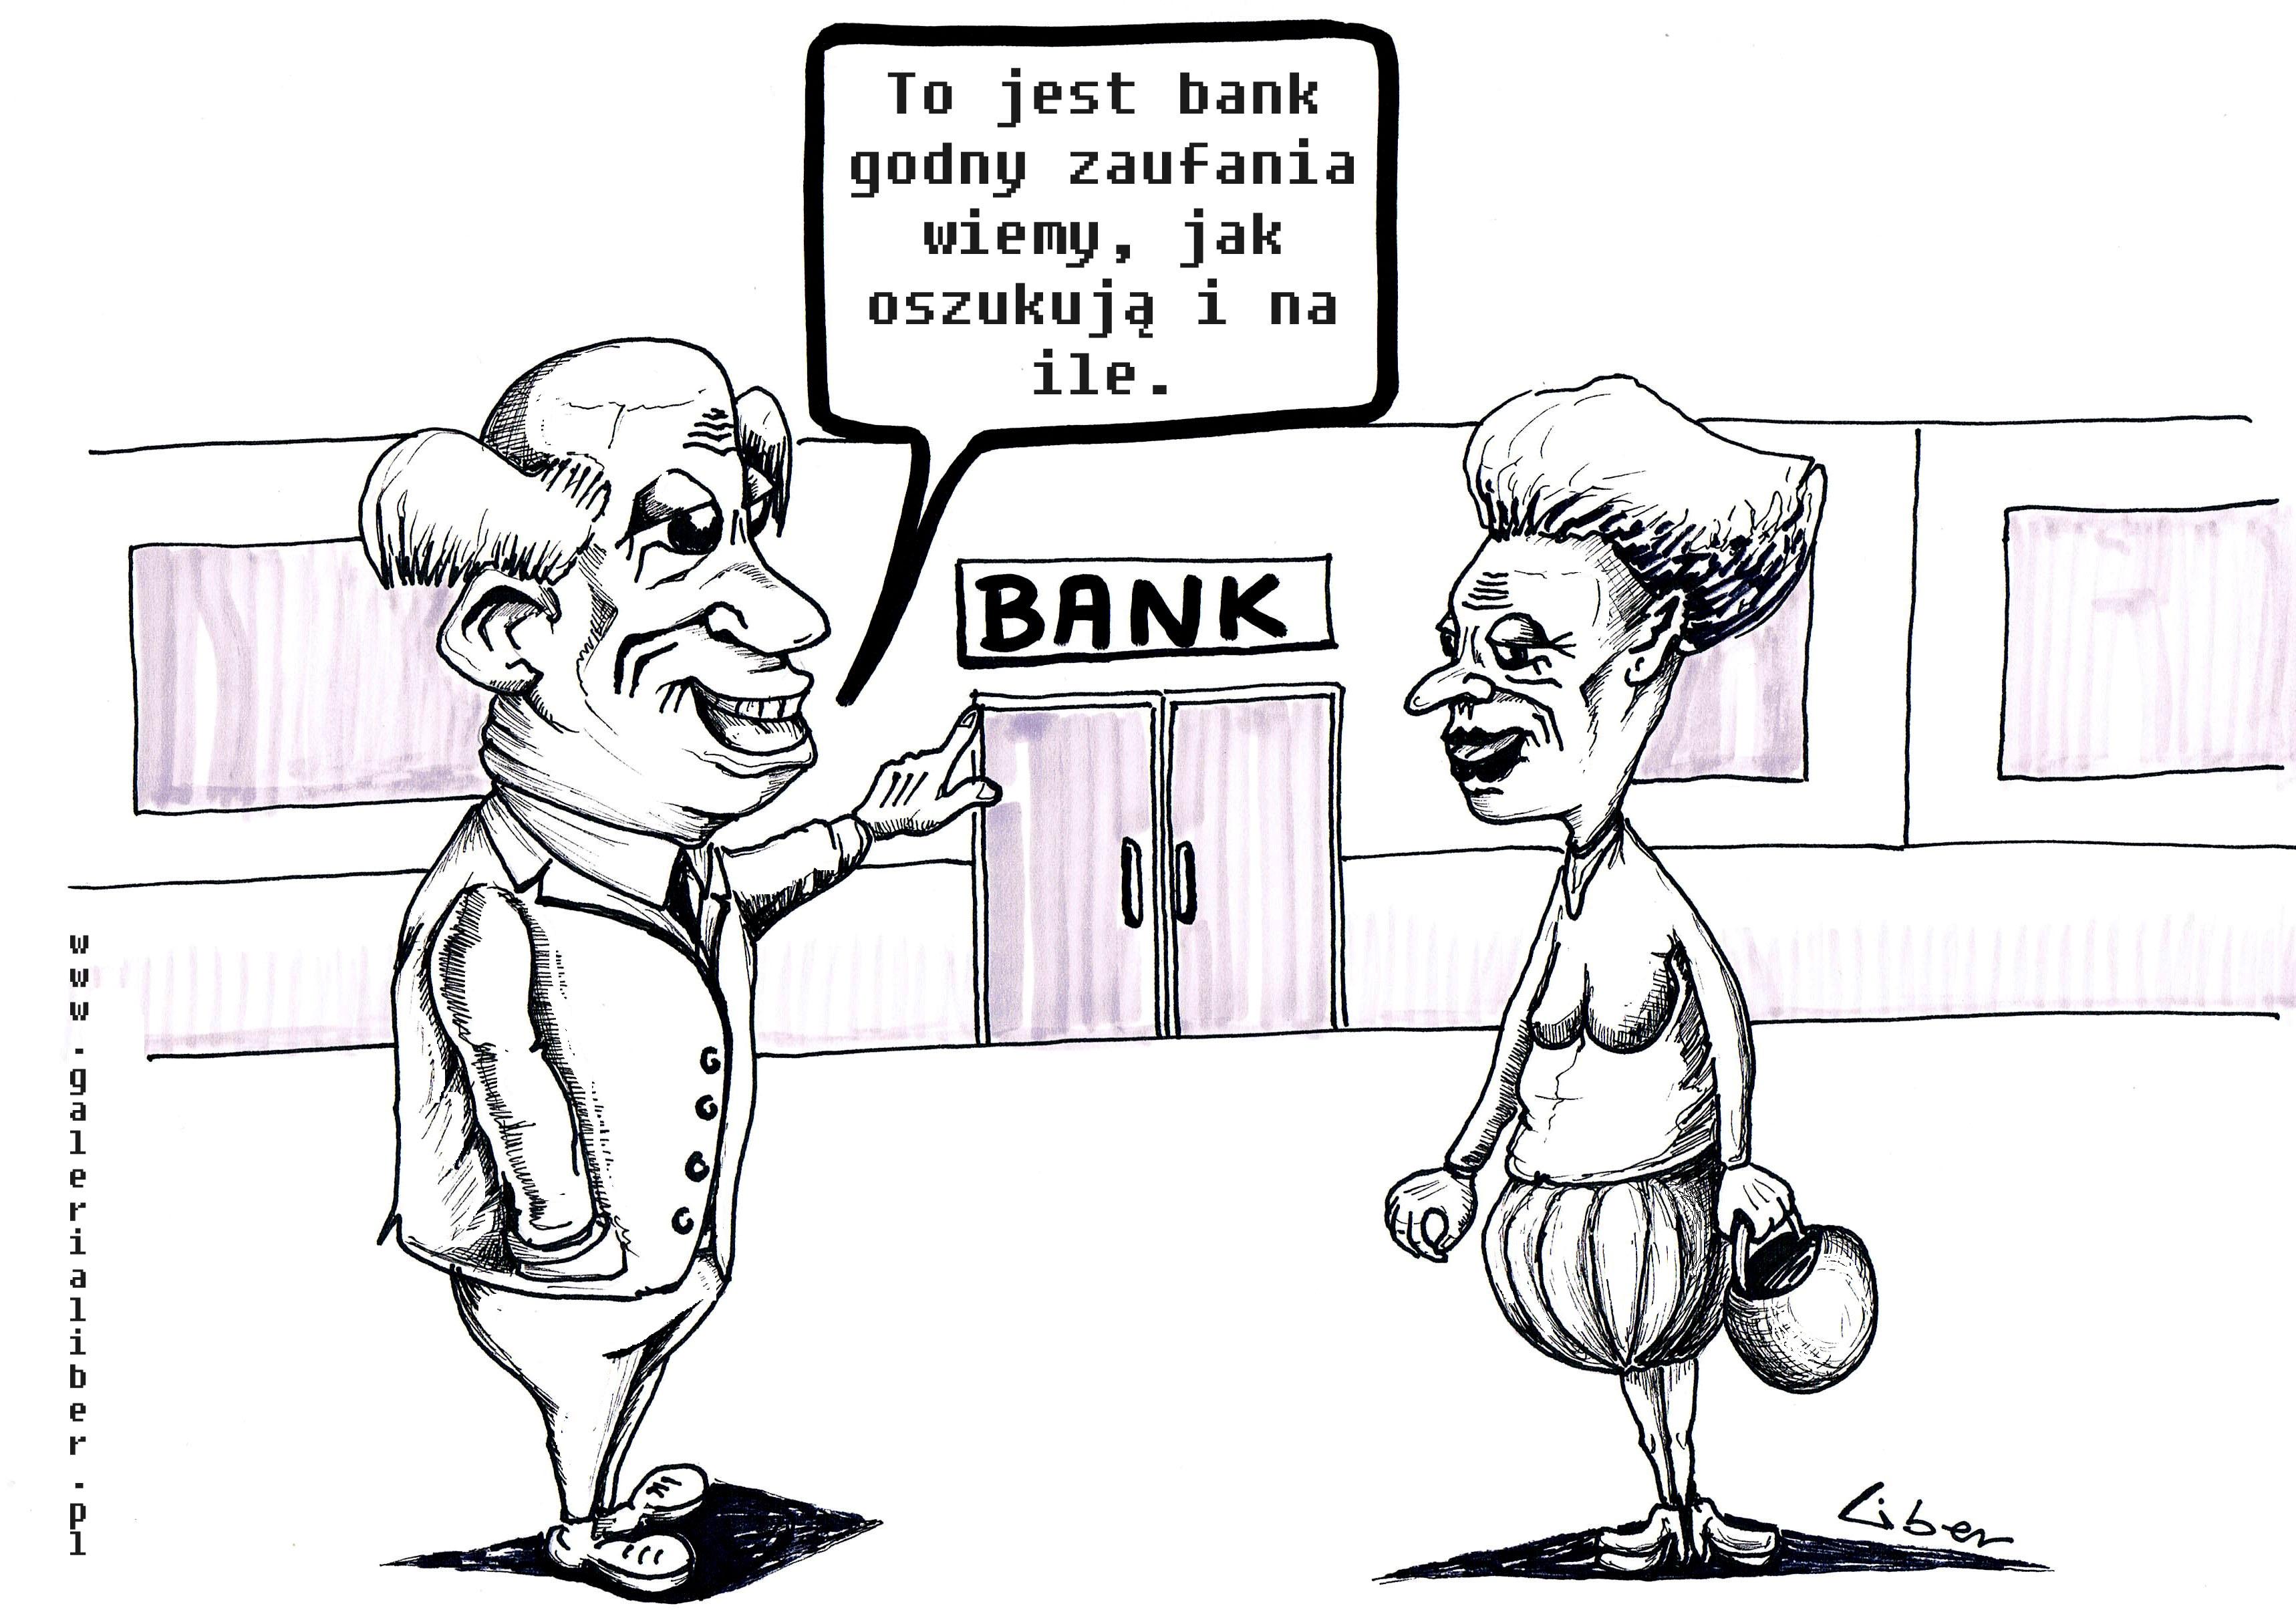 Bank godny zaufania